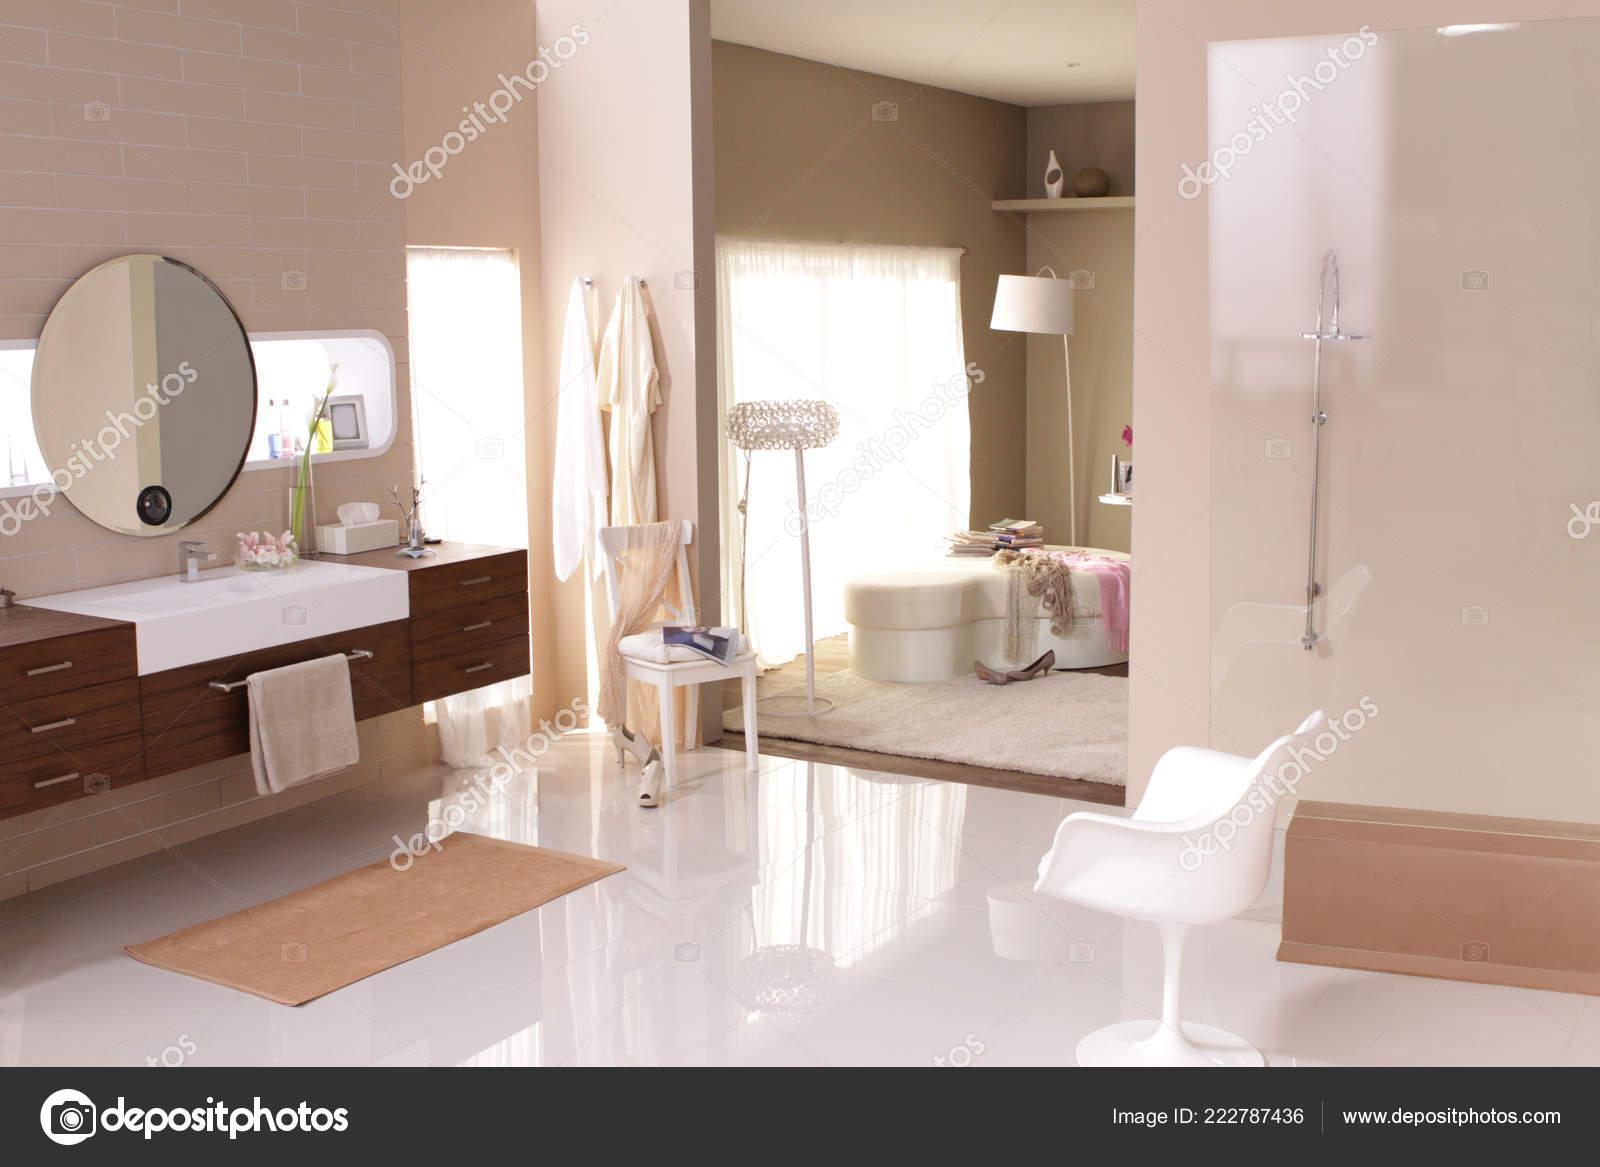 Desde Lujo Gran Cuarto Baño Ver Dormitorio Detrás Pared — Foto de ...